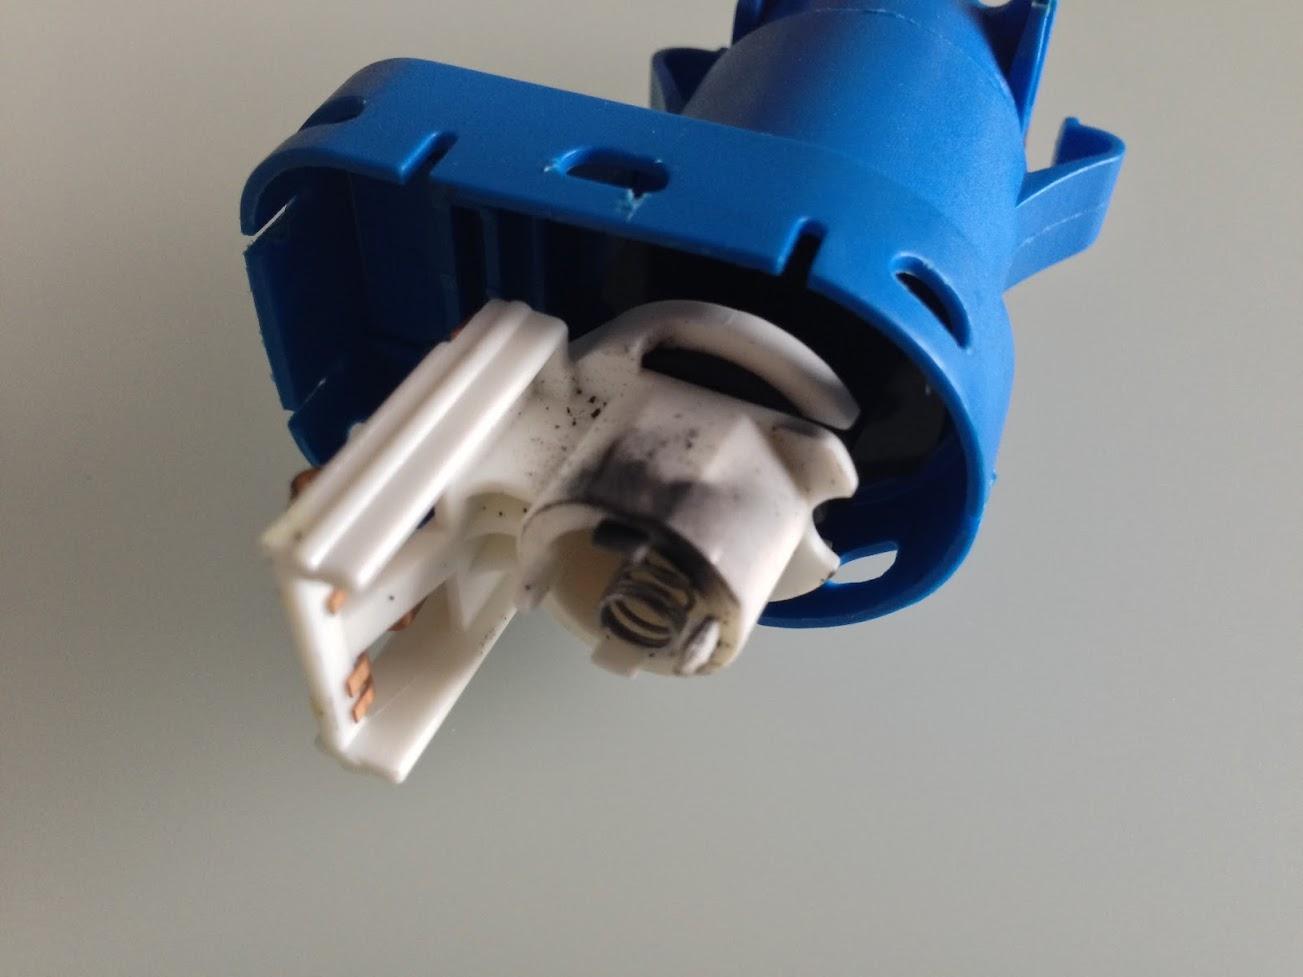 2006 LR3 - Transmission fault, HDC fault, Parking brake